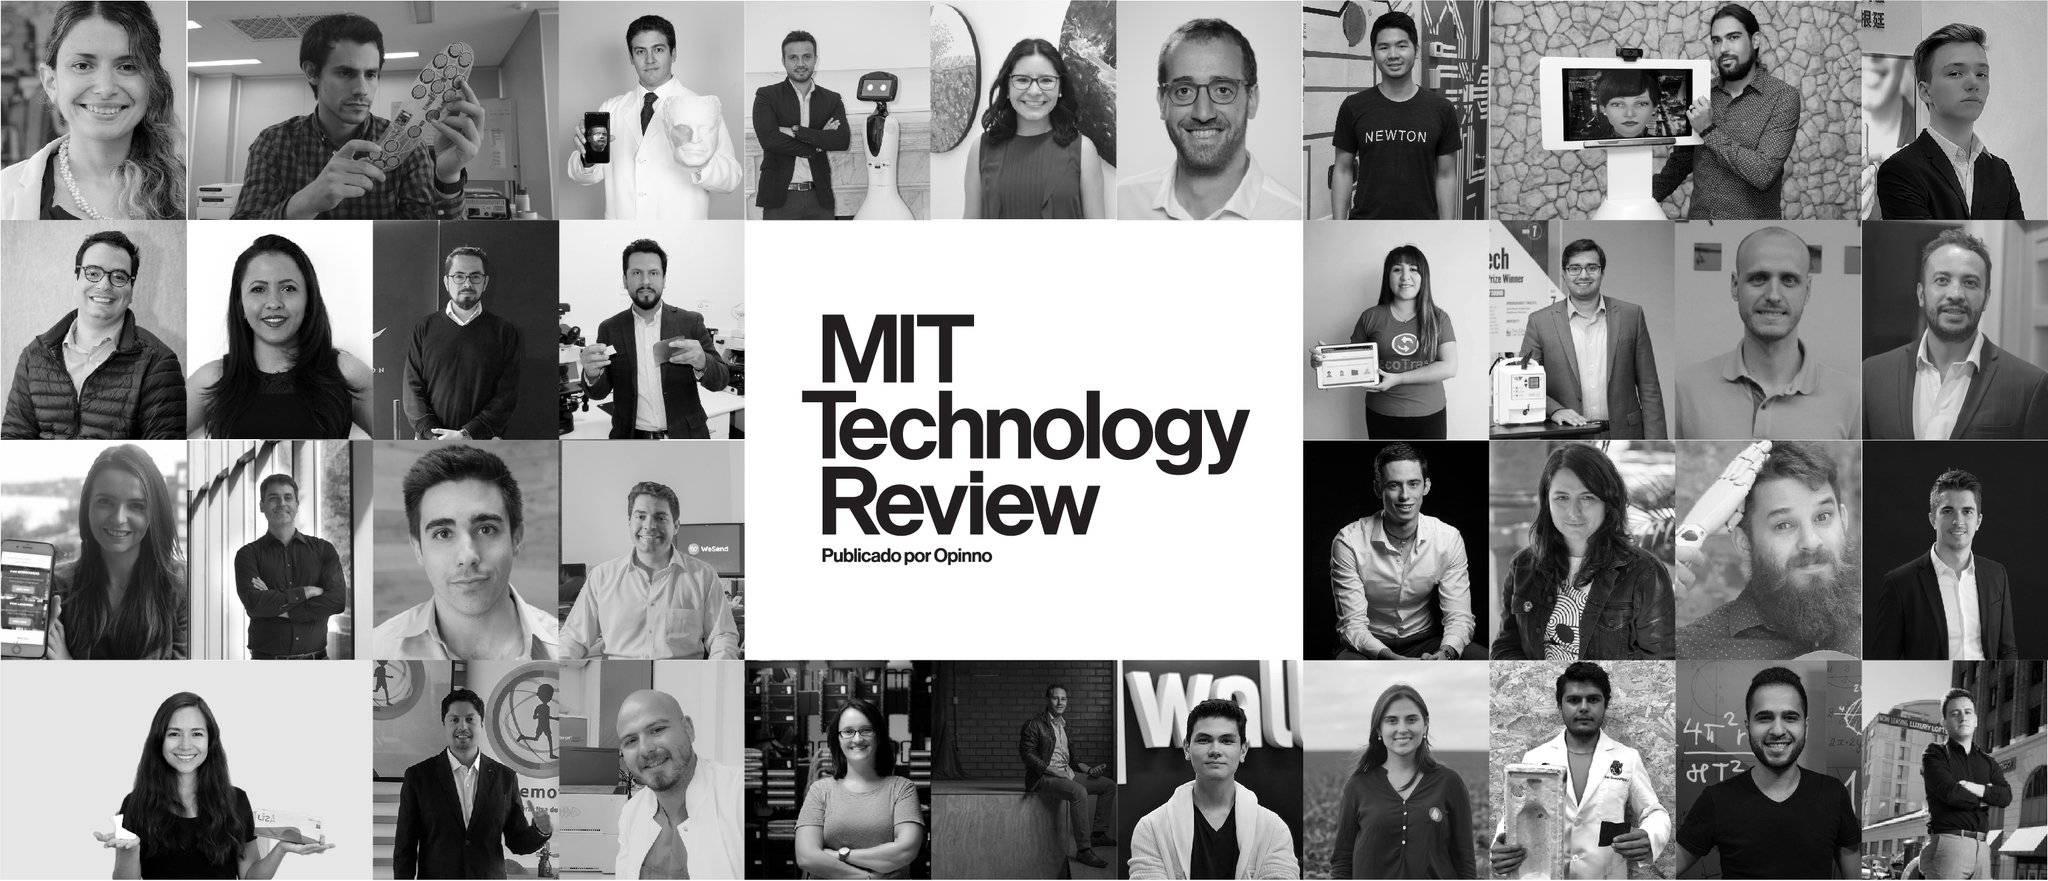 Cuatro colombianos fueron seleccionados como parte de los 35 jóvenes más innovadores de Latinoamérica